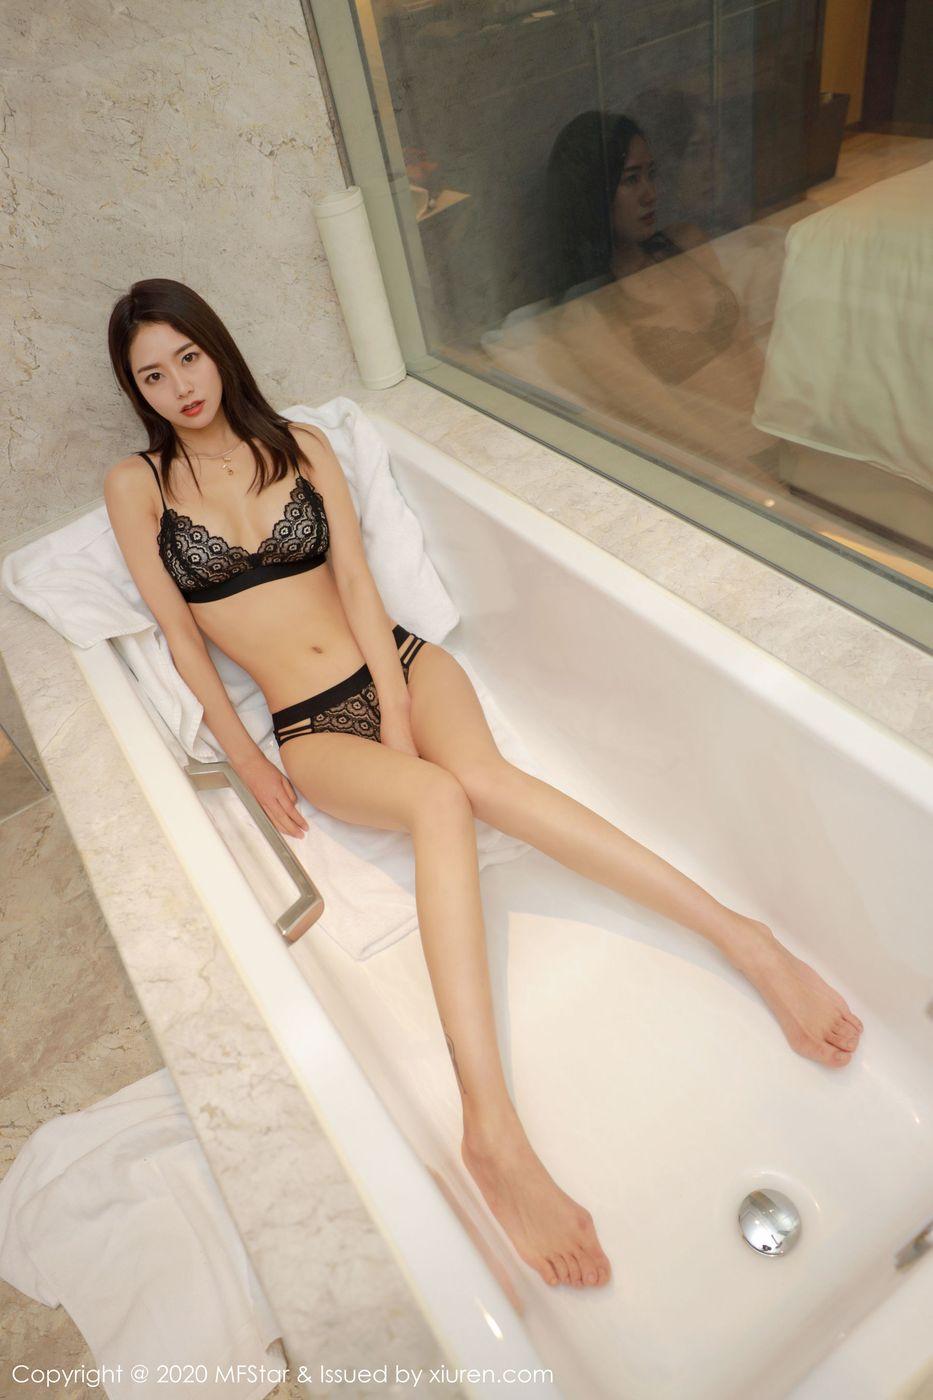 Vol.148 浴室美女内衣诱惑大尺度美胸美女模特模范学院-方子萱完整私房照合集